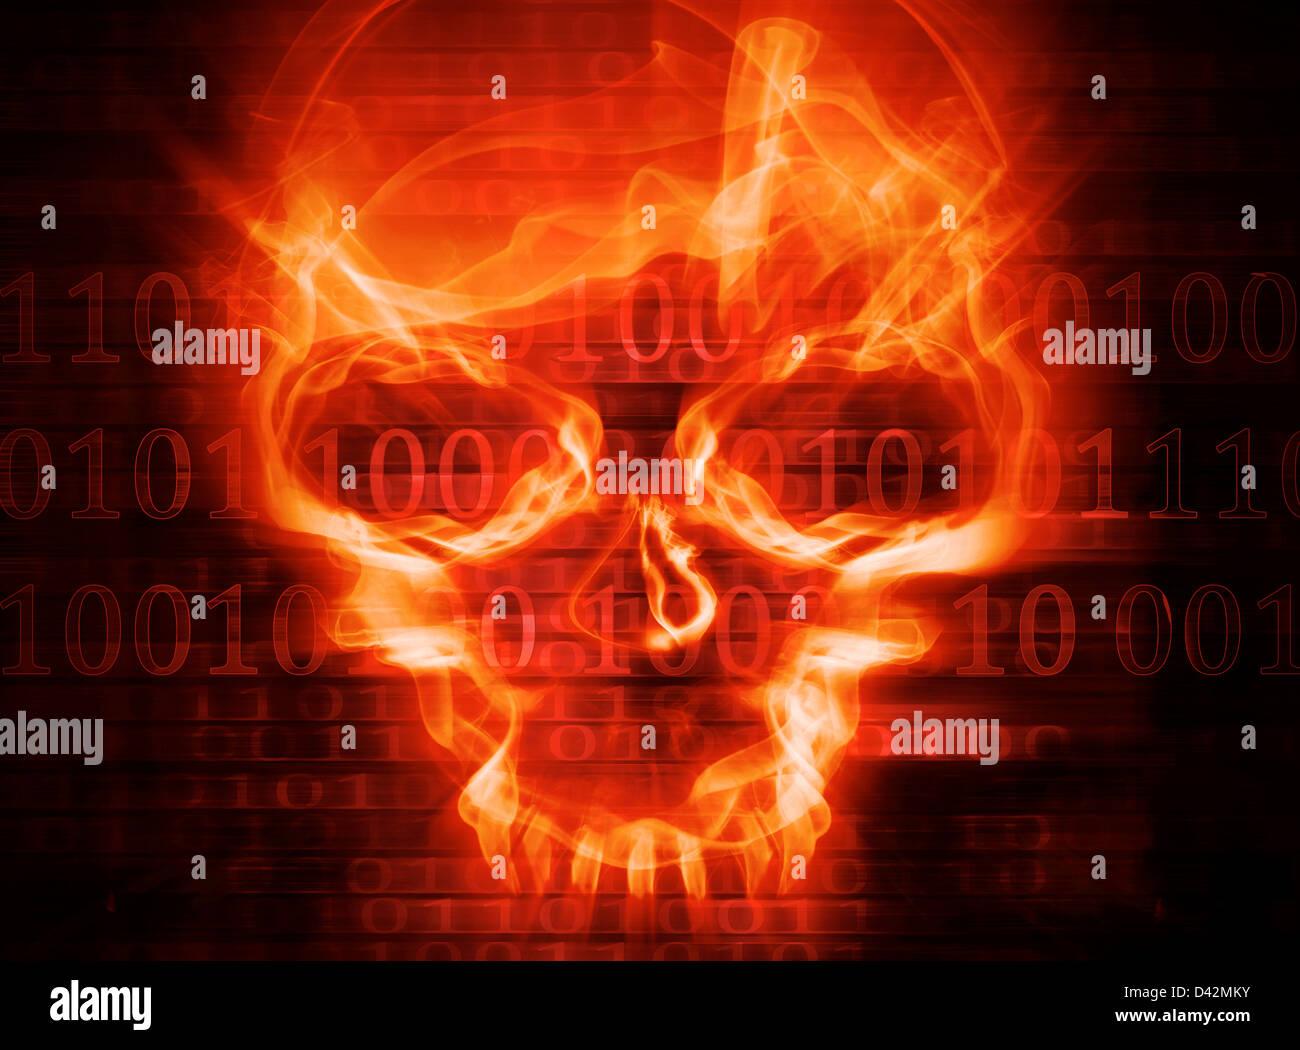 Attacco hacker concetto sfondo Immagini Stock